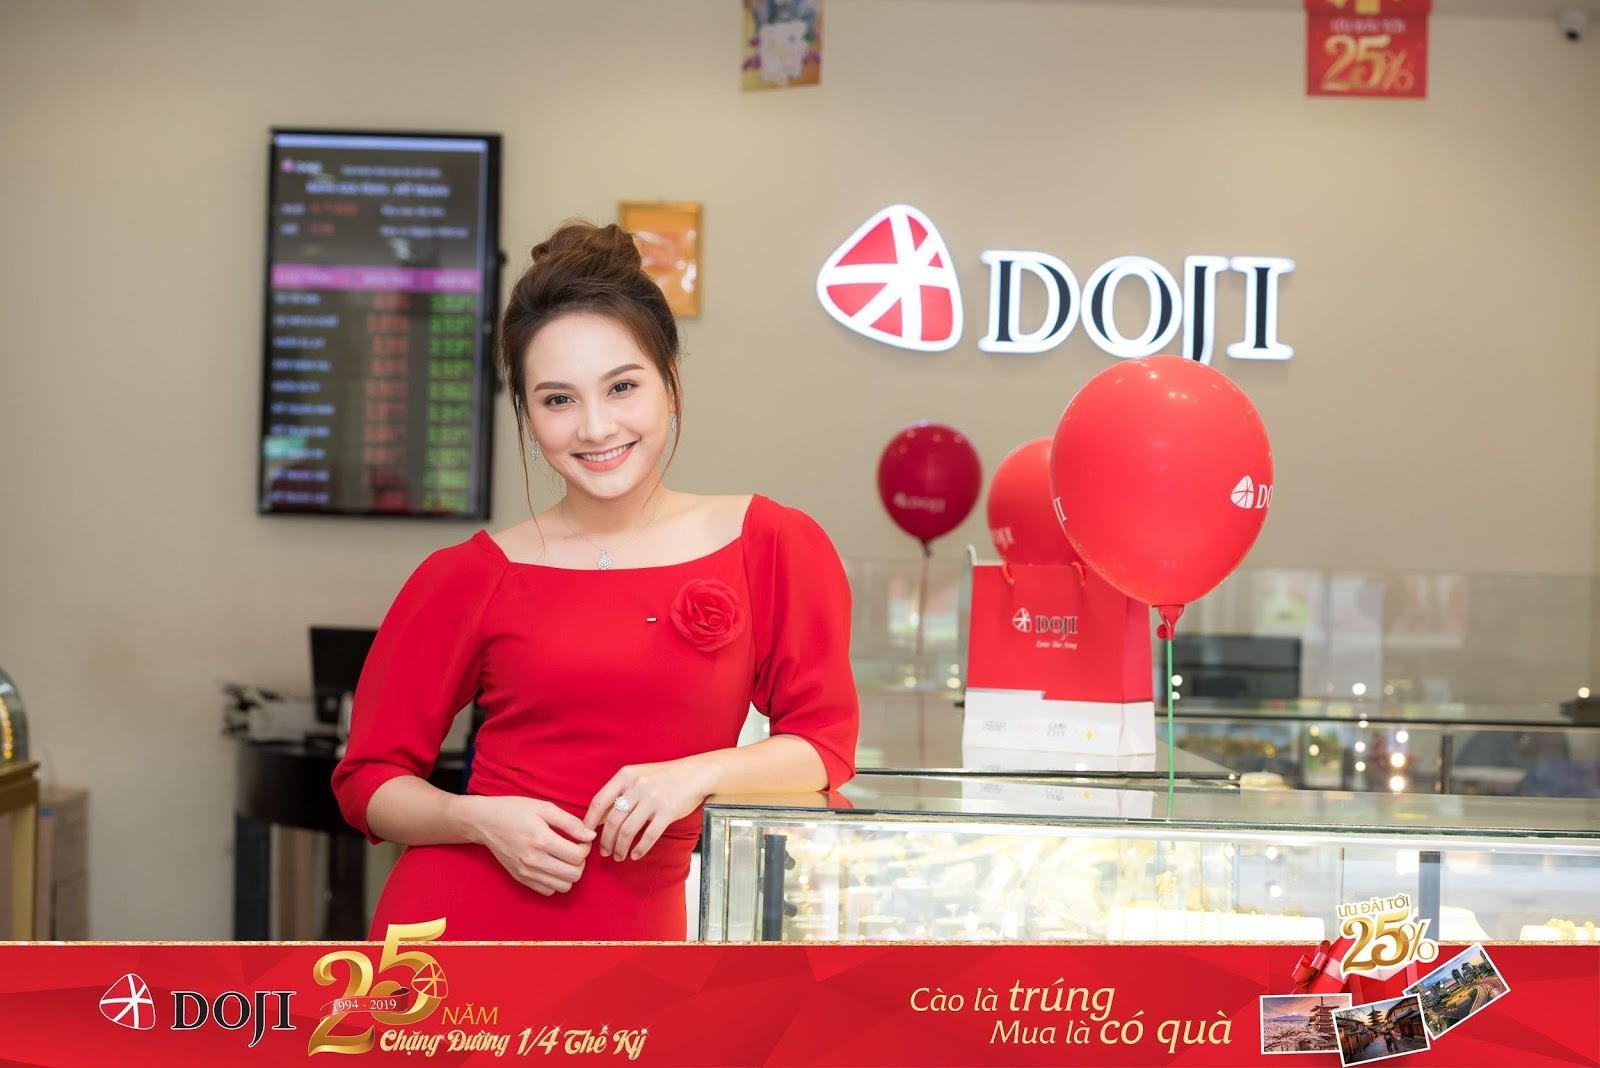 Bảo Thanh và hàng ngàn khách hàng nhận quà dịp sinh nhật DOJI - Ảnh 1.